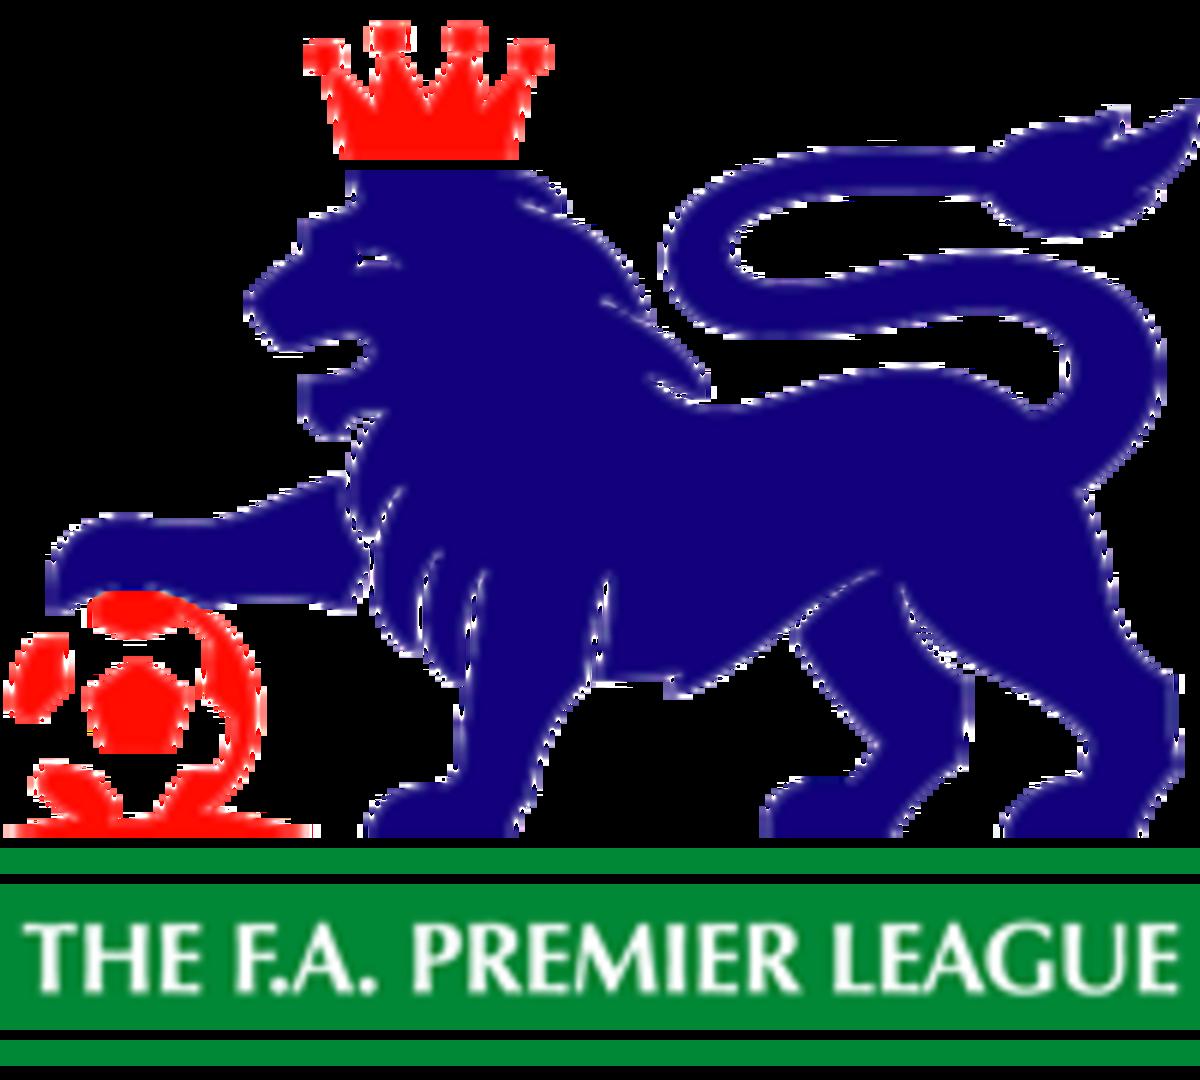 English Premier League: 1992/93